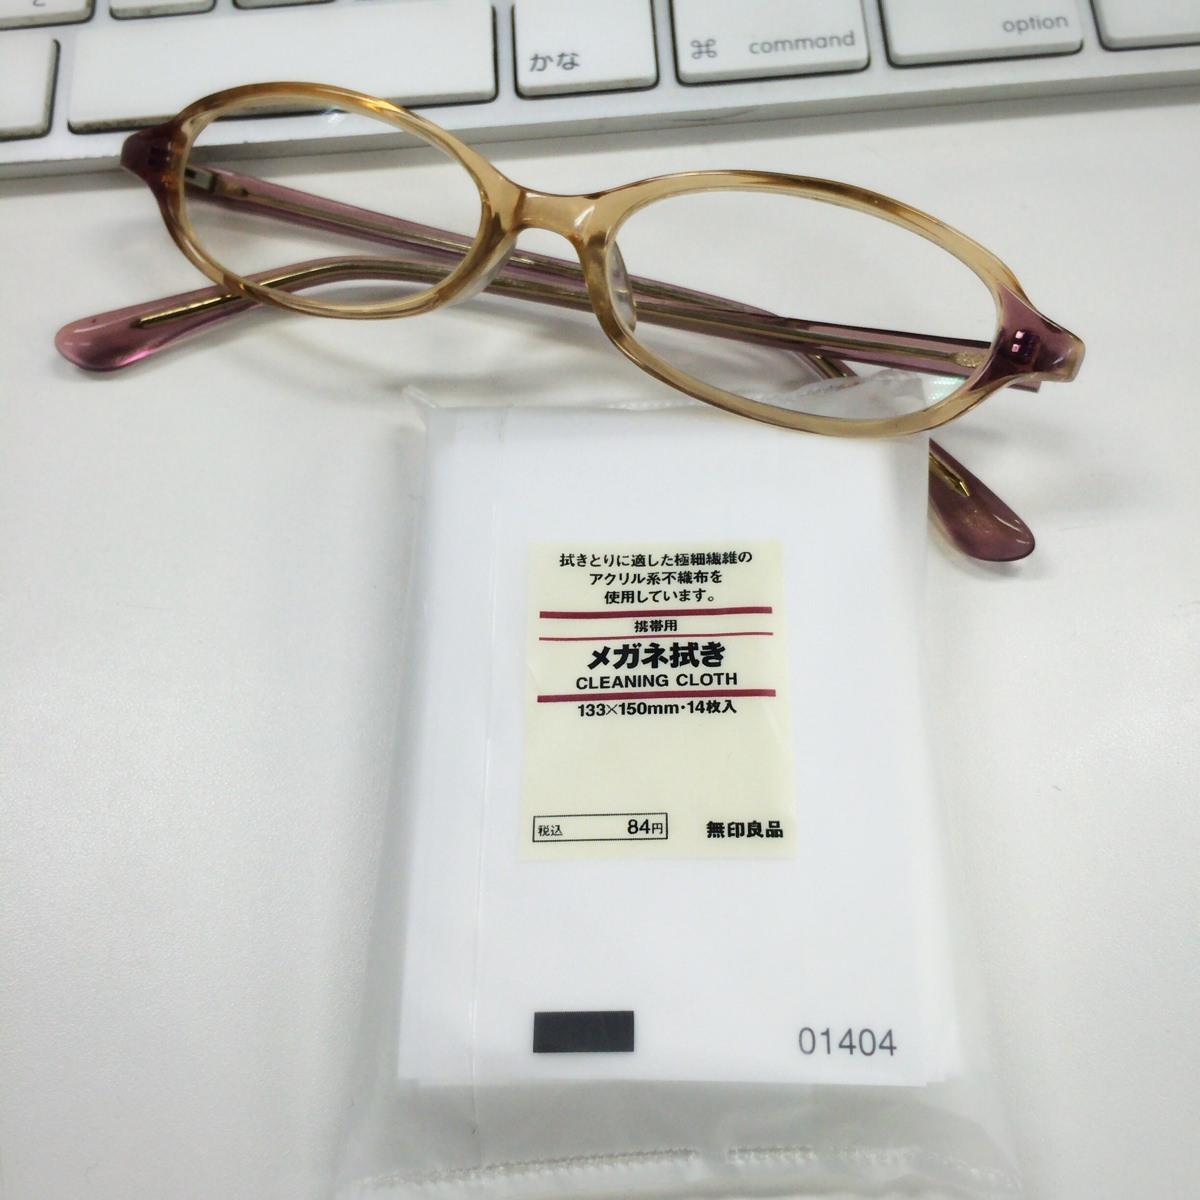 無印良品の使い捨て84円メガネ拭き